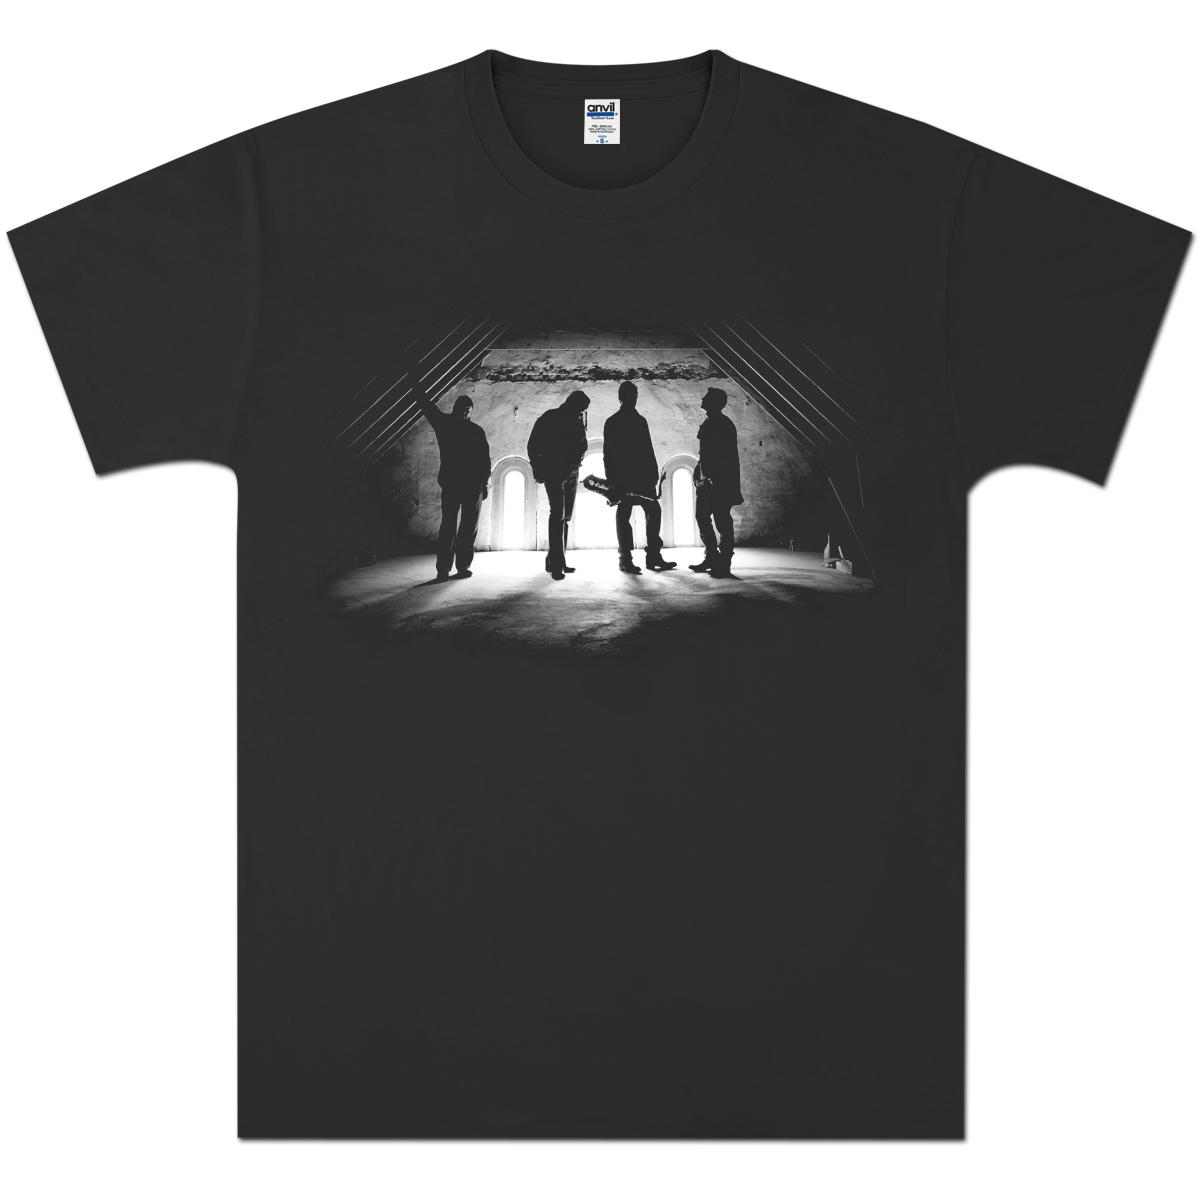 DMB Danny Clinch Photo Shirt Version 2